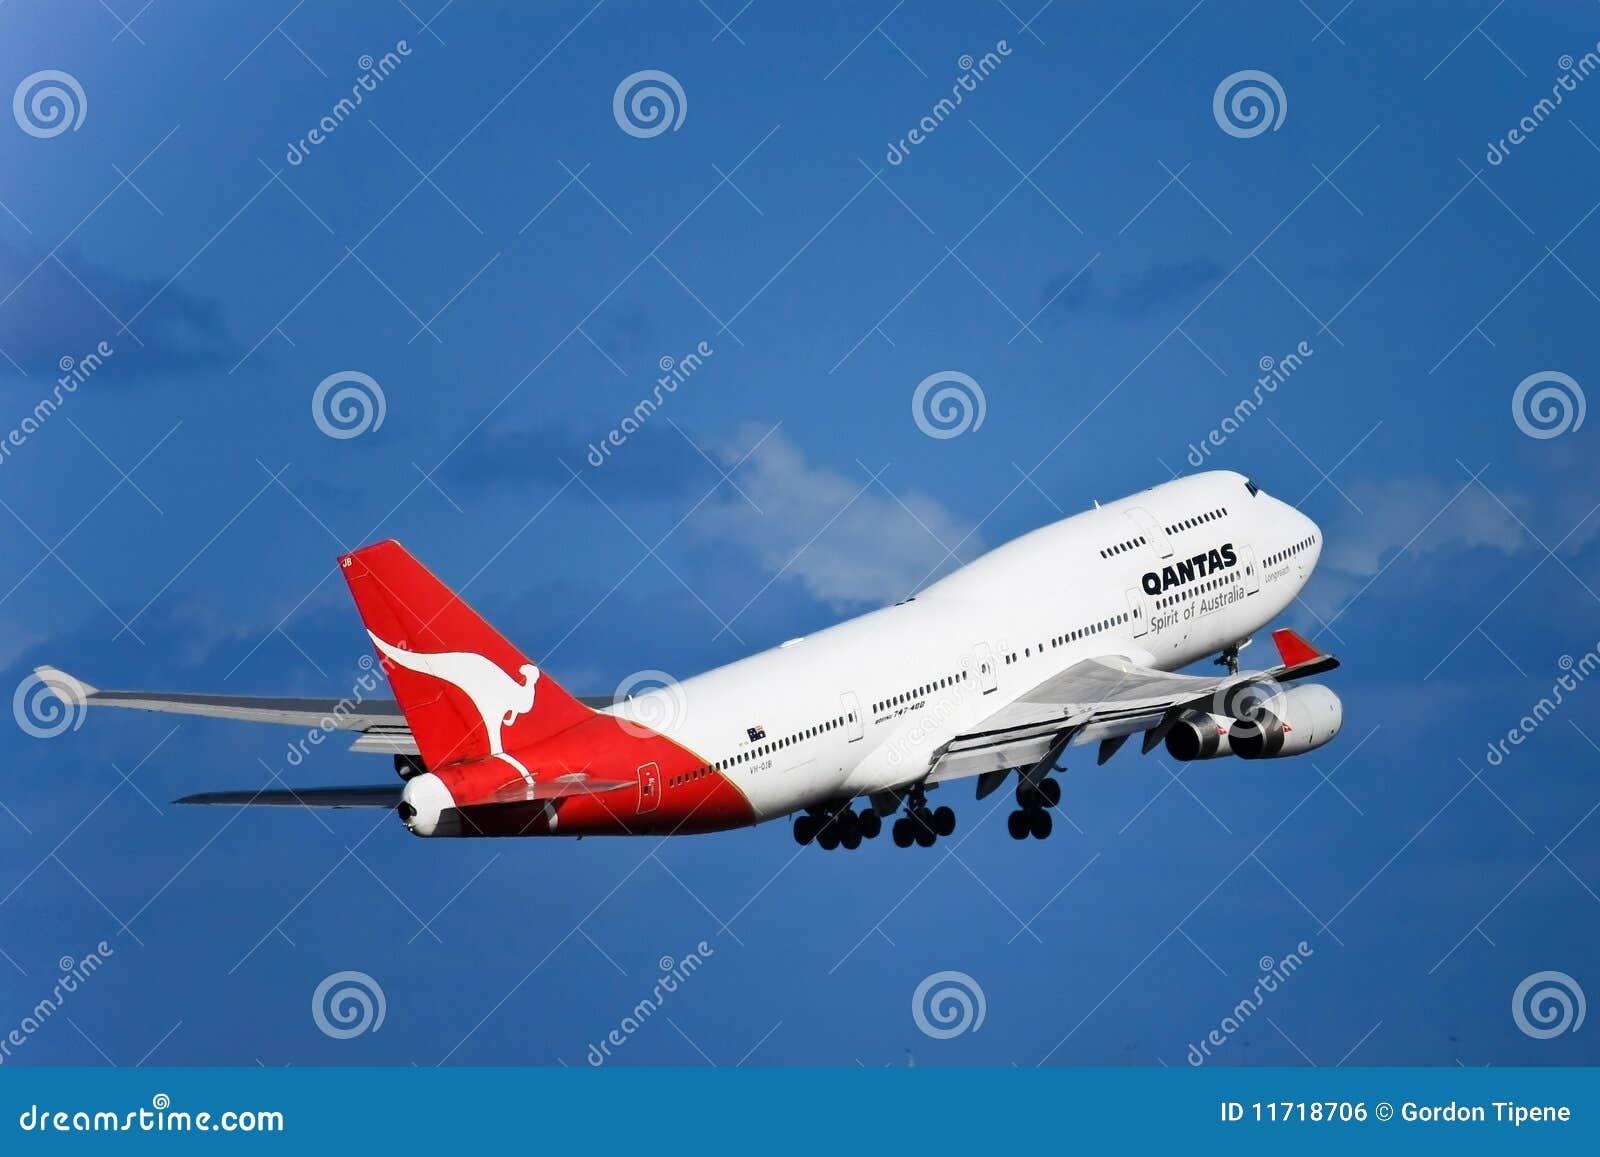 Jet de Qantas Boeing 747 en vuelo con el tren de aterrizaje.